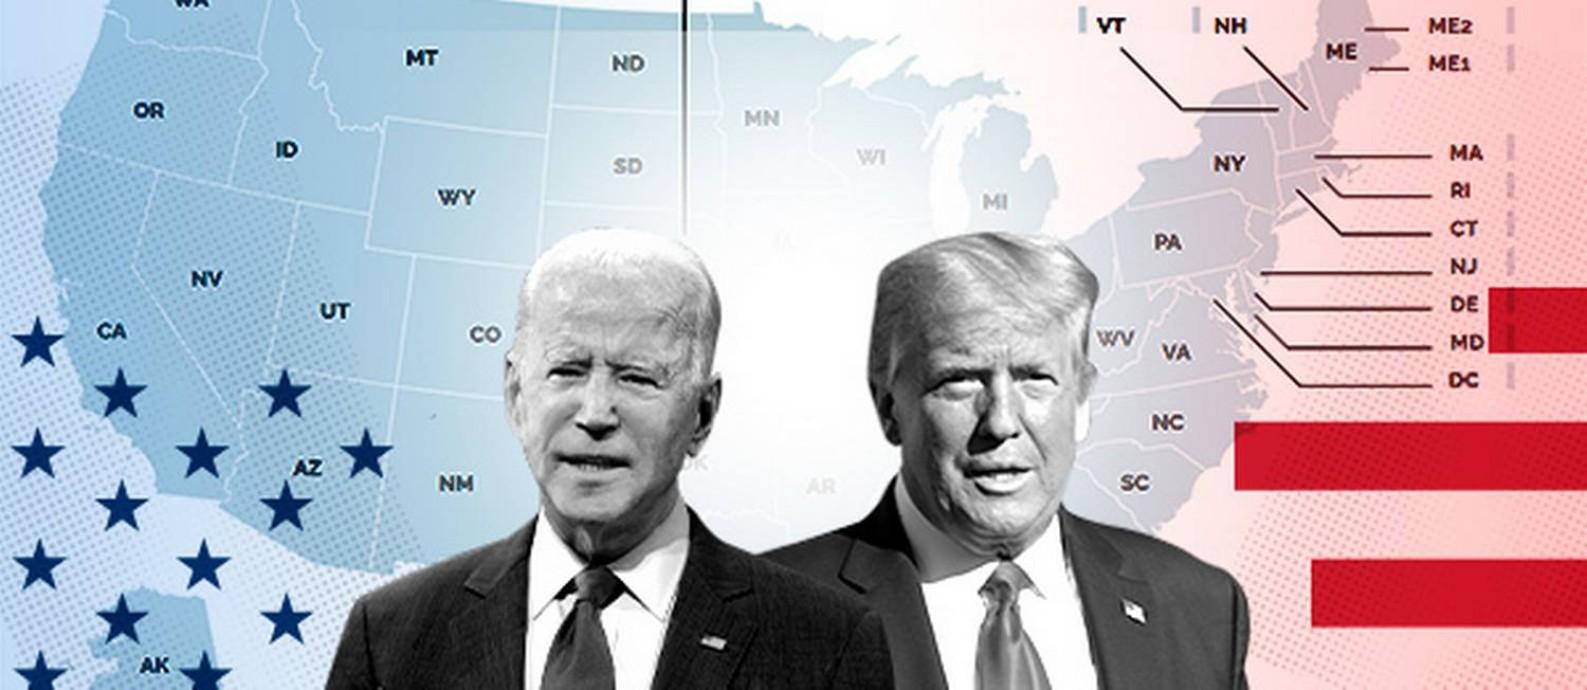 O republicano Donald Trump disputa reeleição com democrata Joe Biden Foto: Editoria de Arte